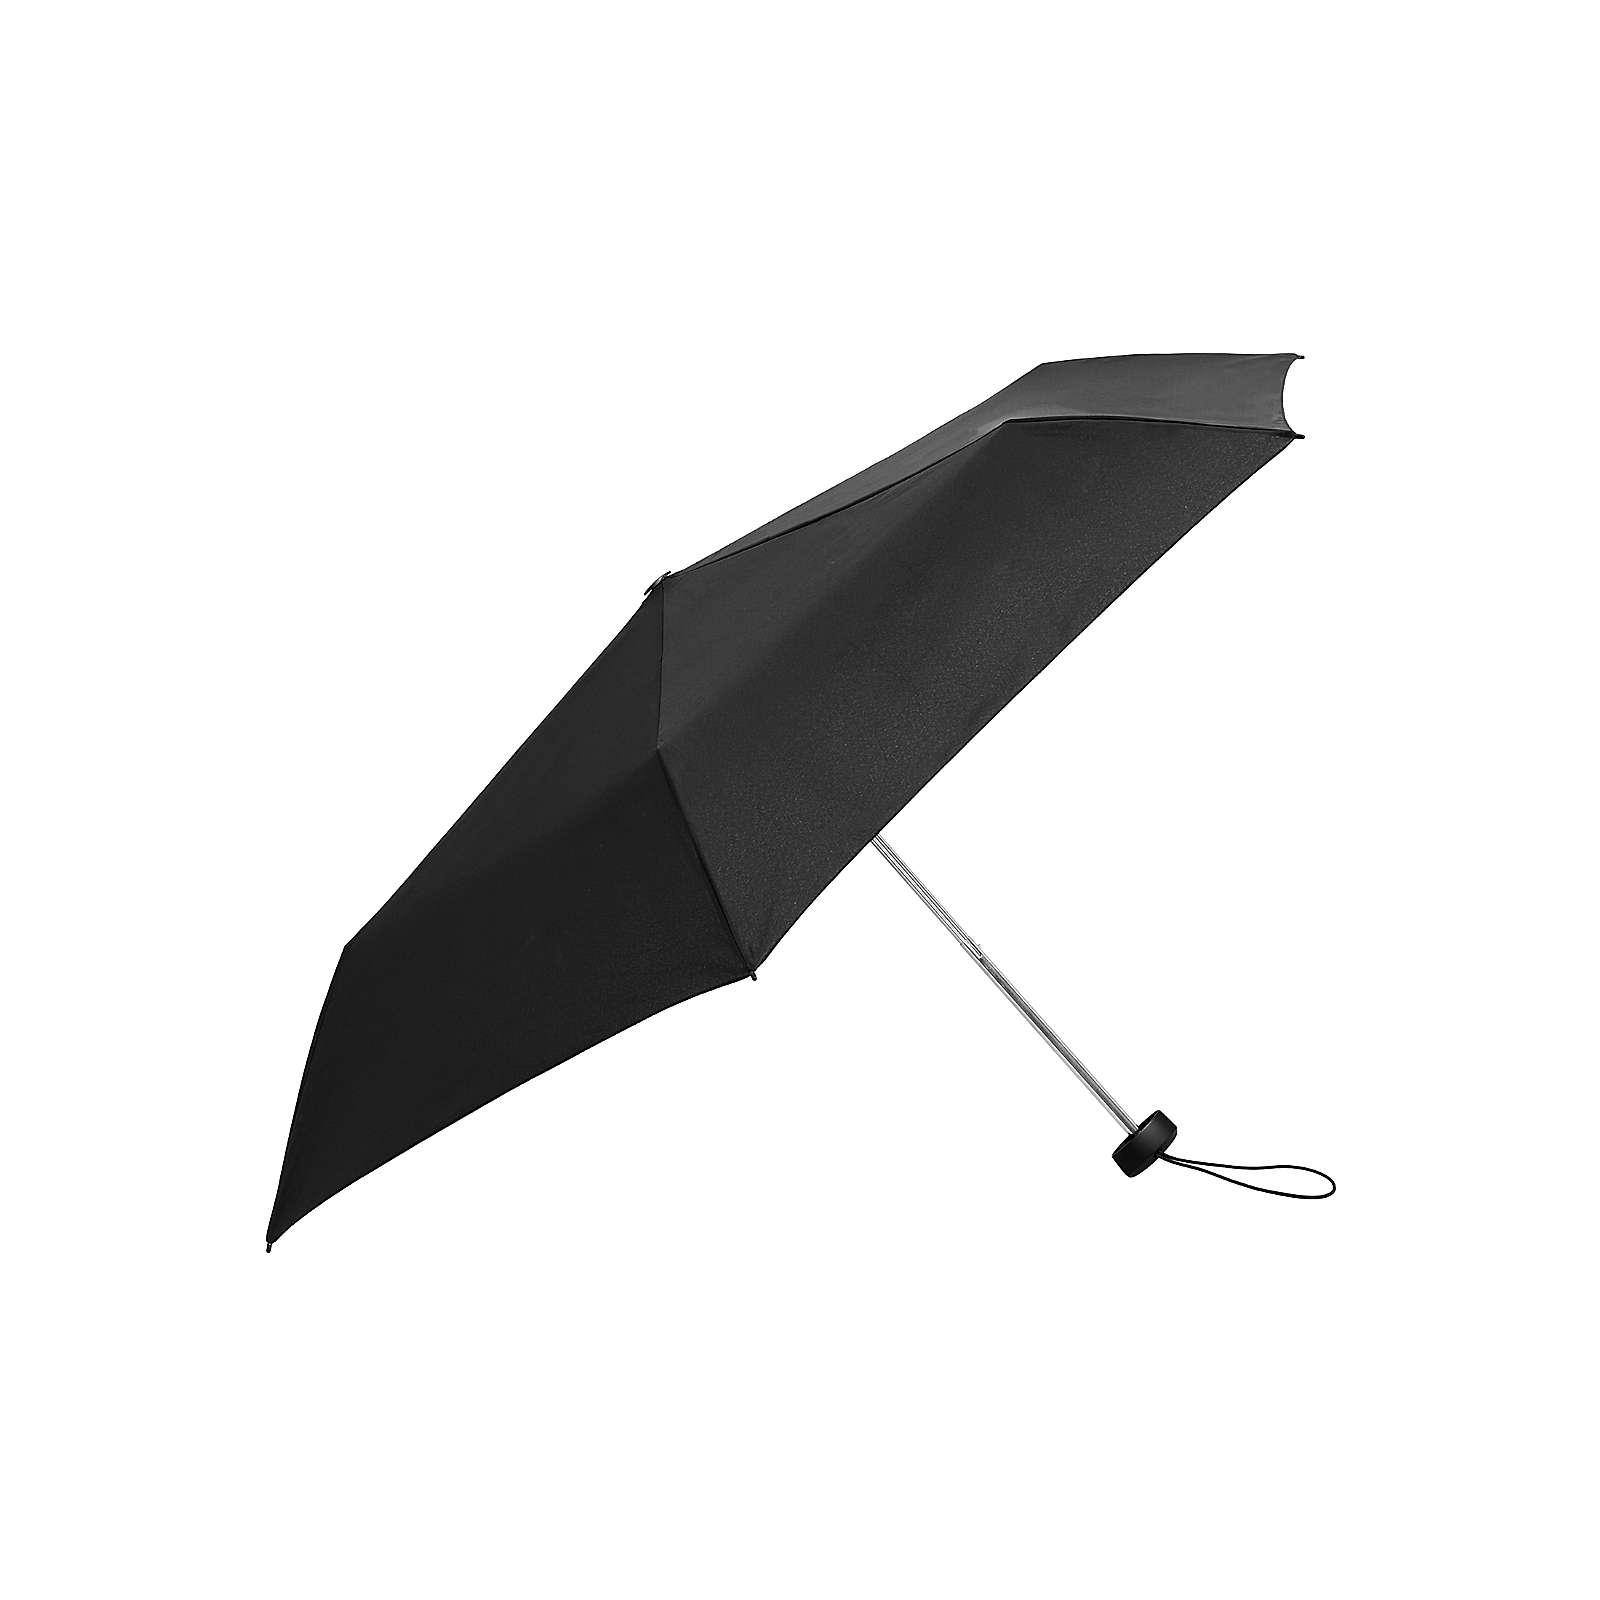 Knirps Regenschirm AS.050 Slim Small Manual Regenschirme schwarz Herren Gr. one size